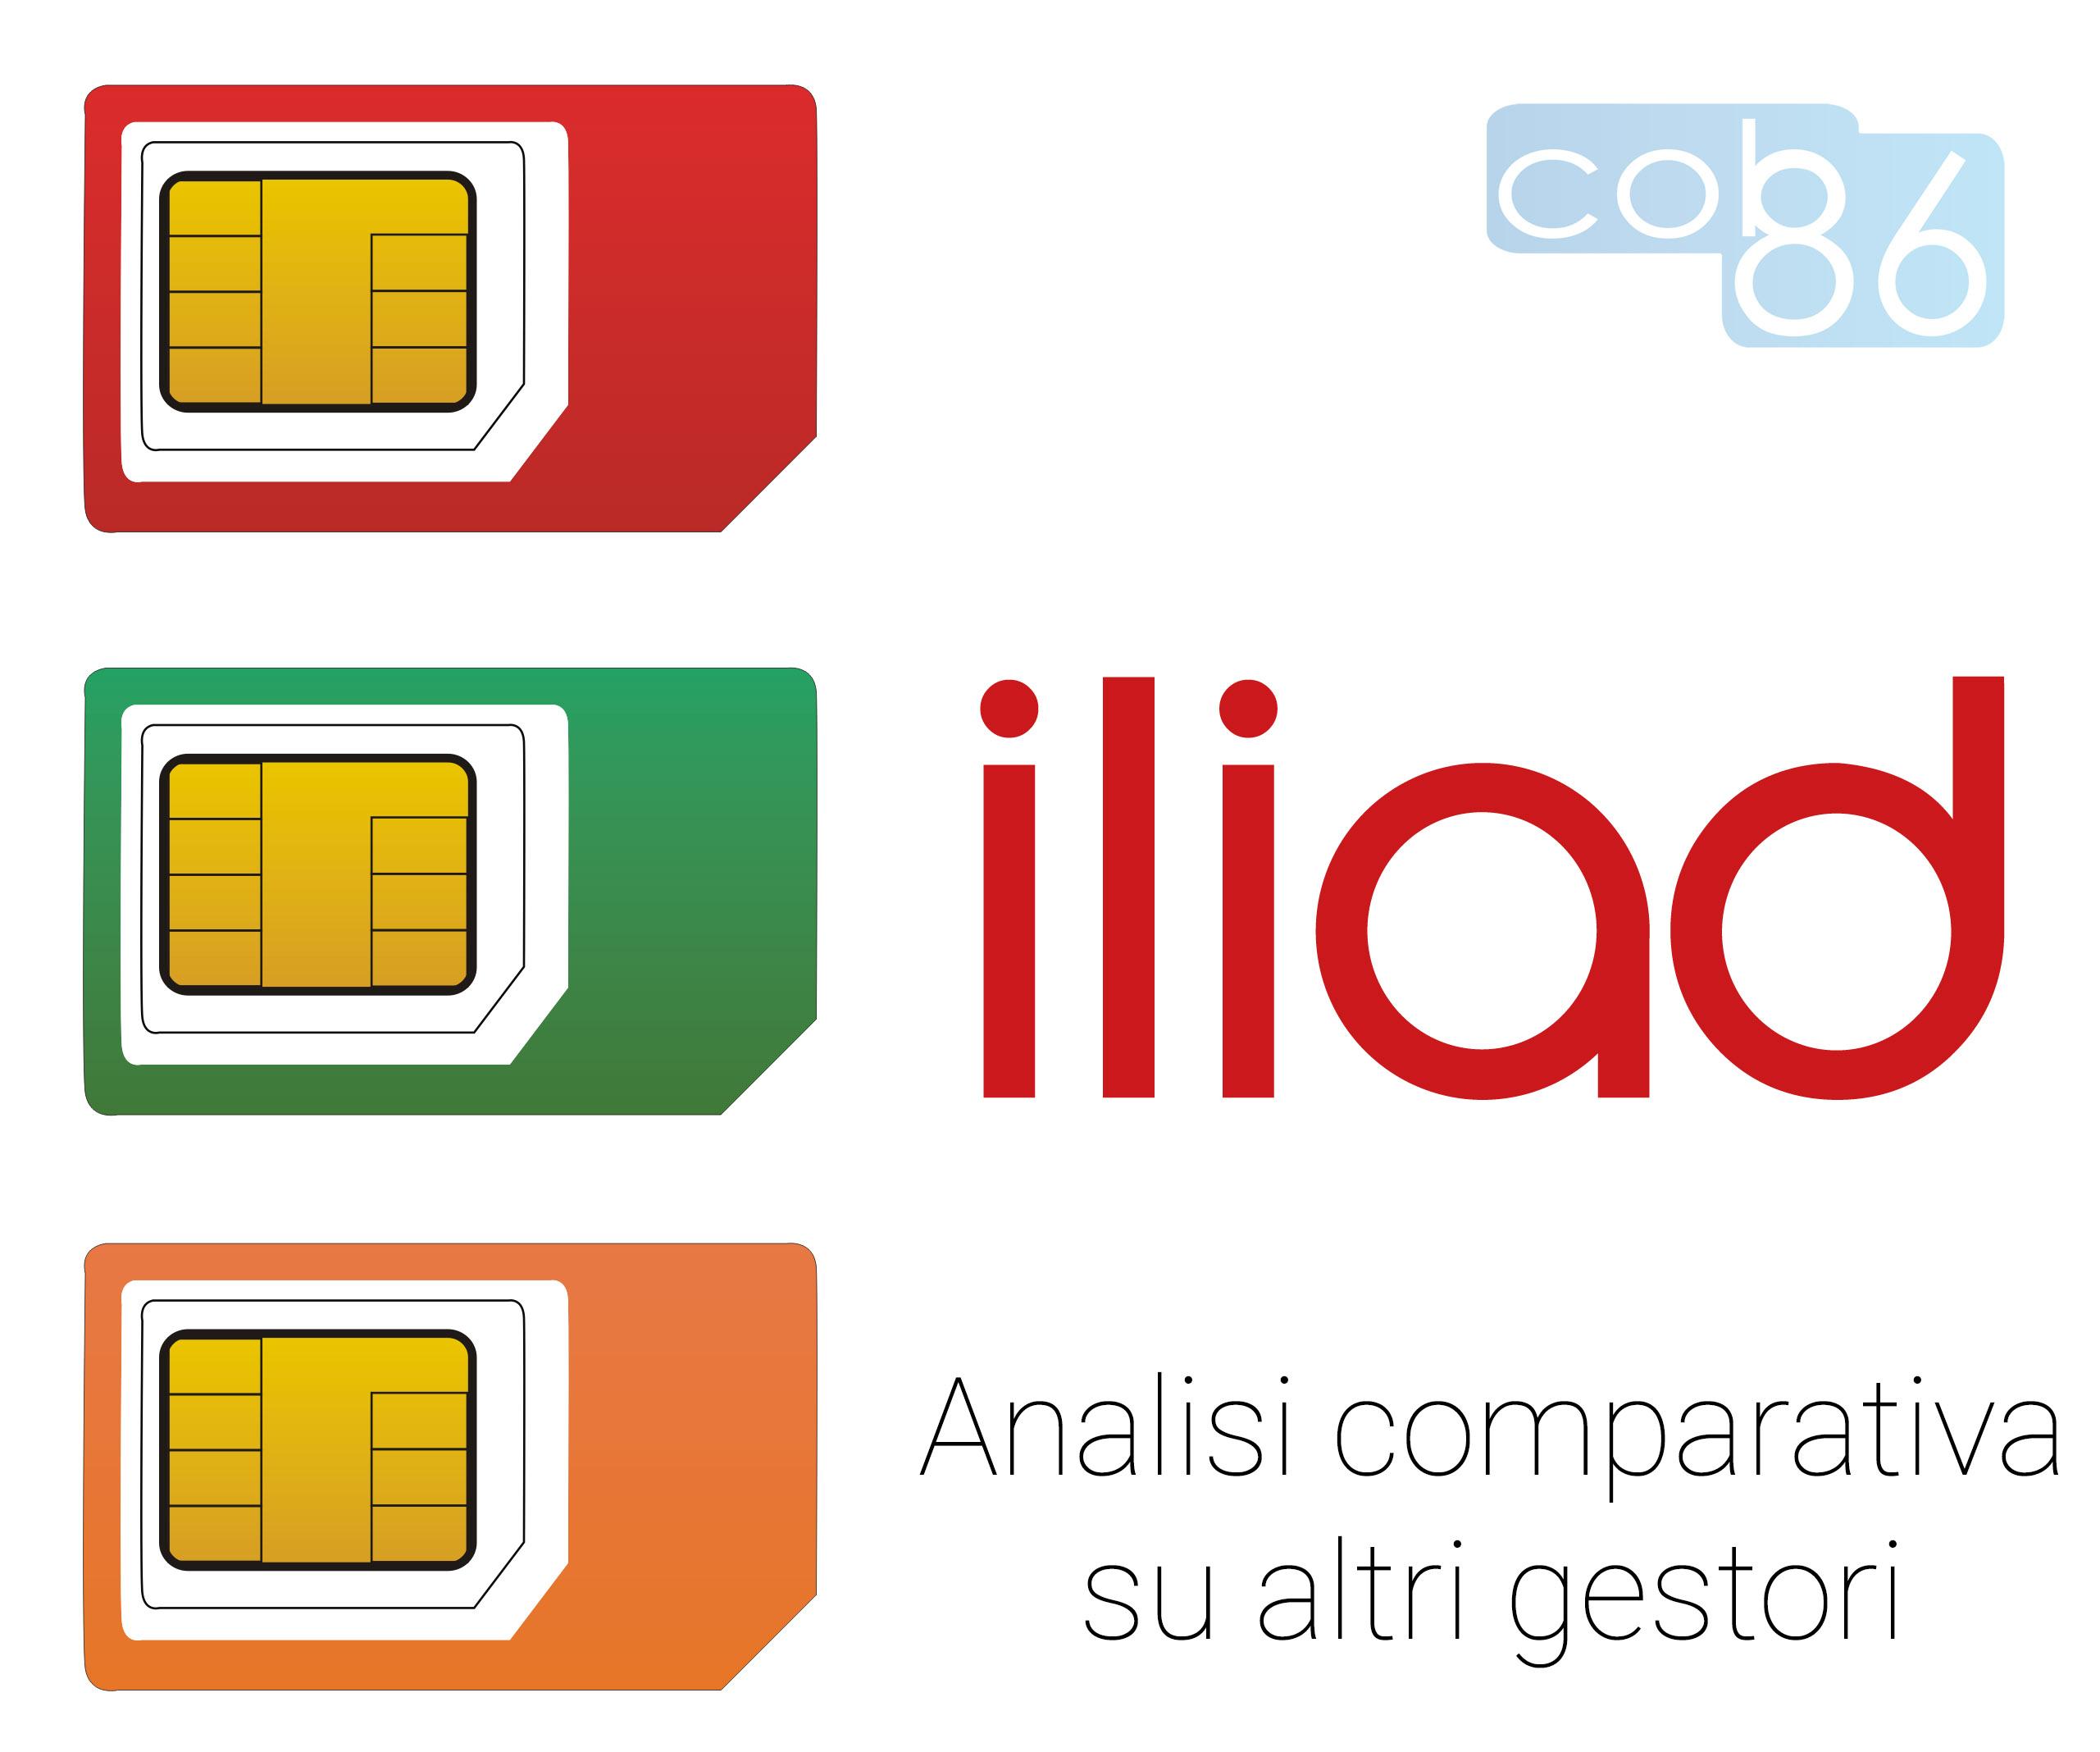 iliad_comparativa